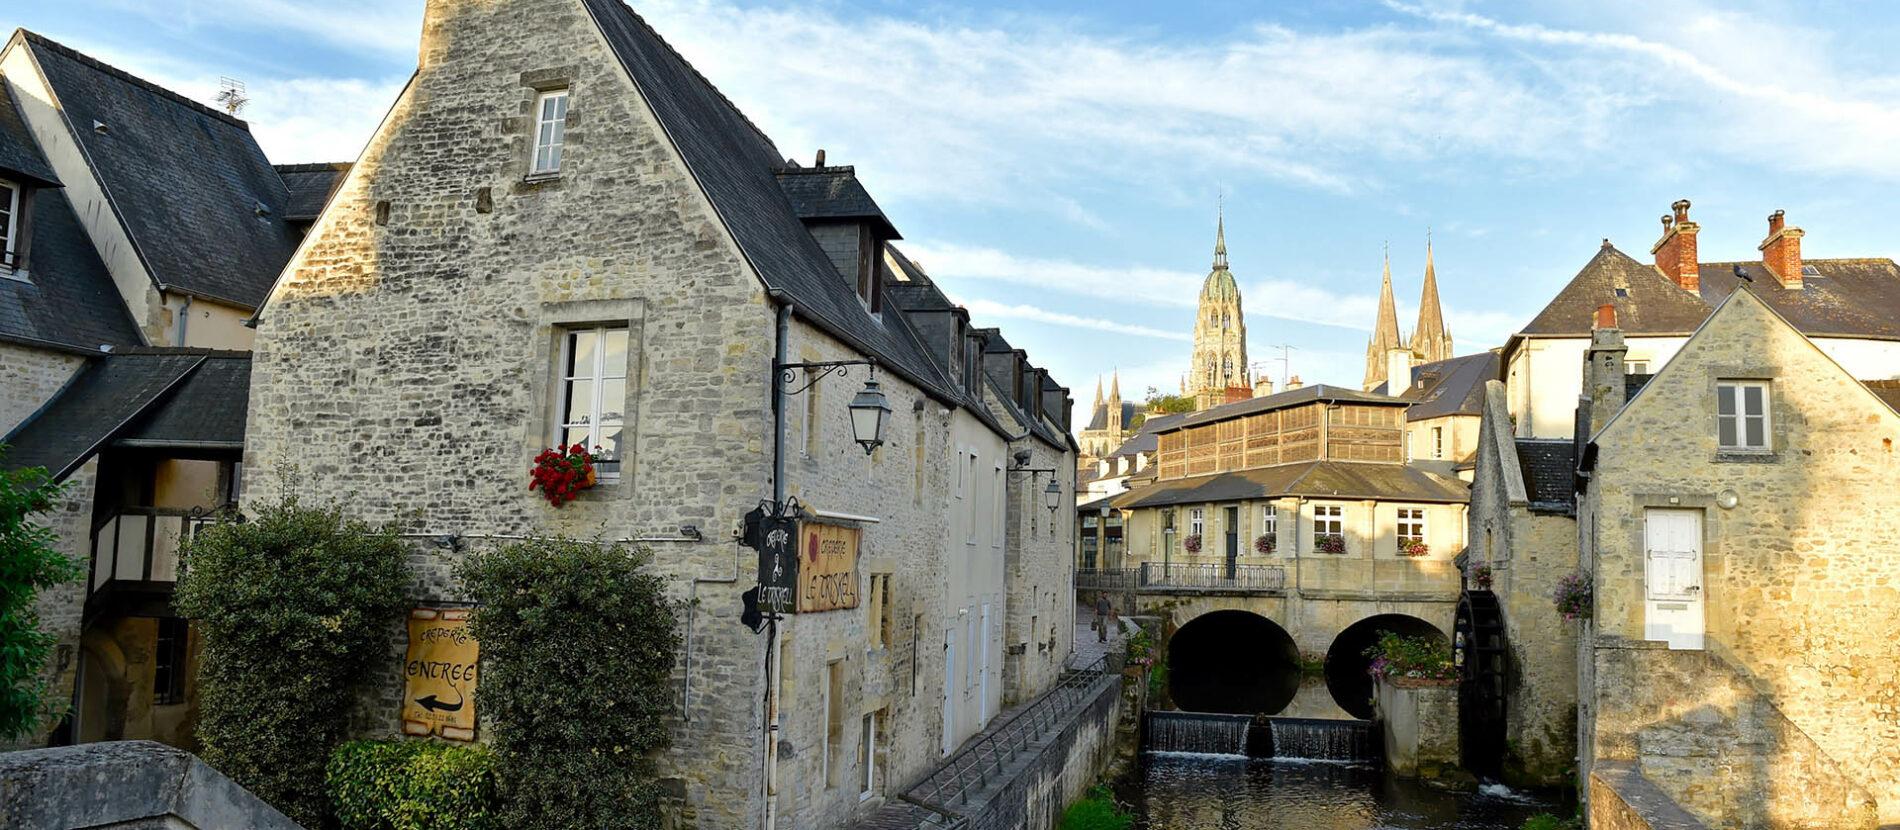 La ville de Bayeux et sa rivière